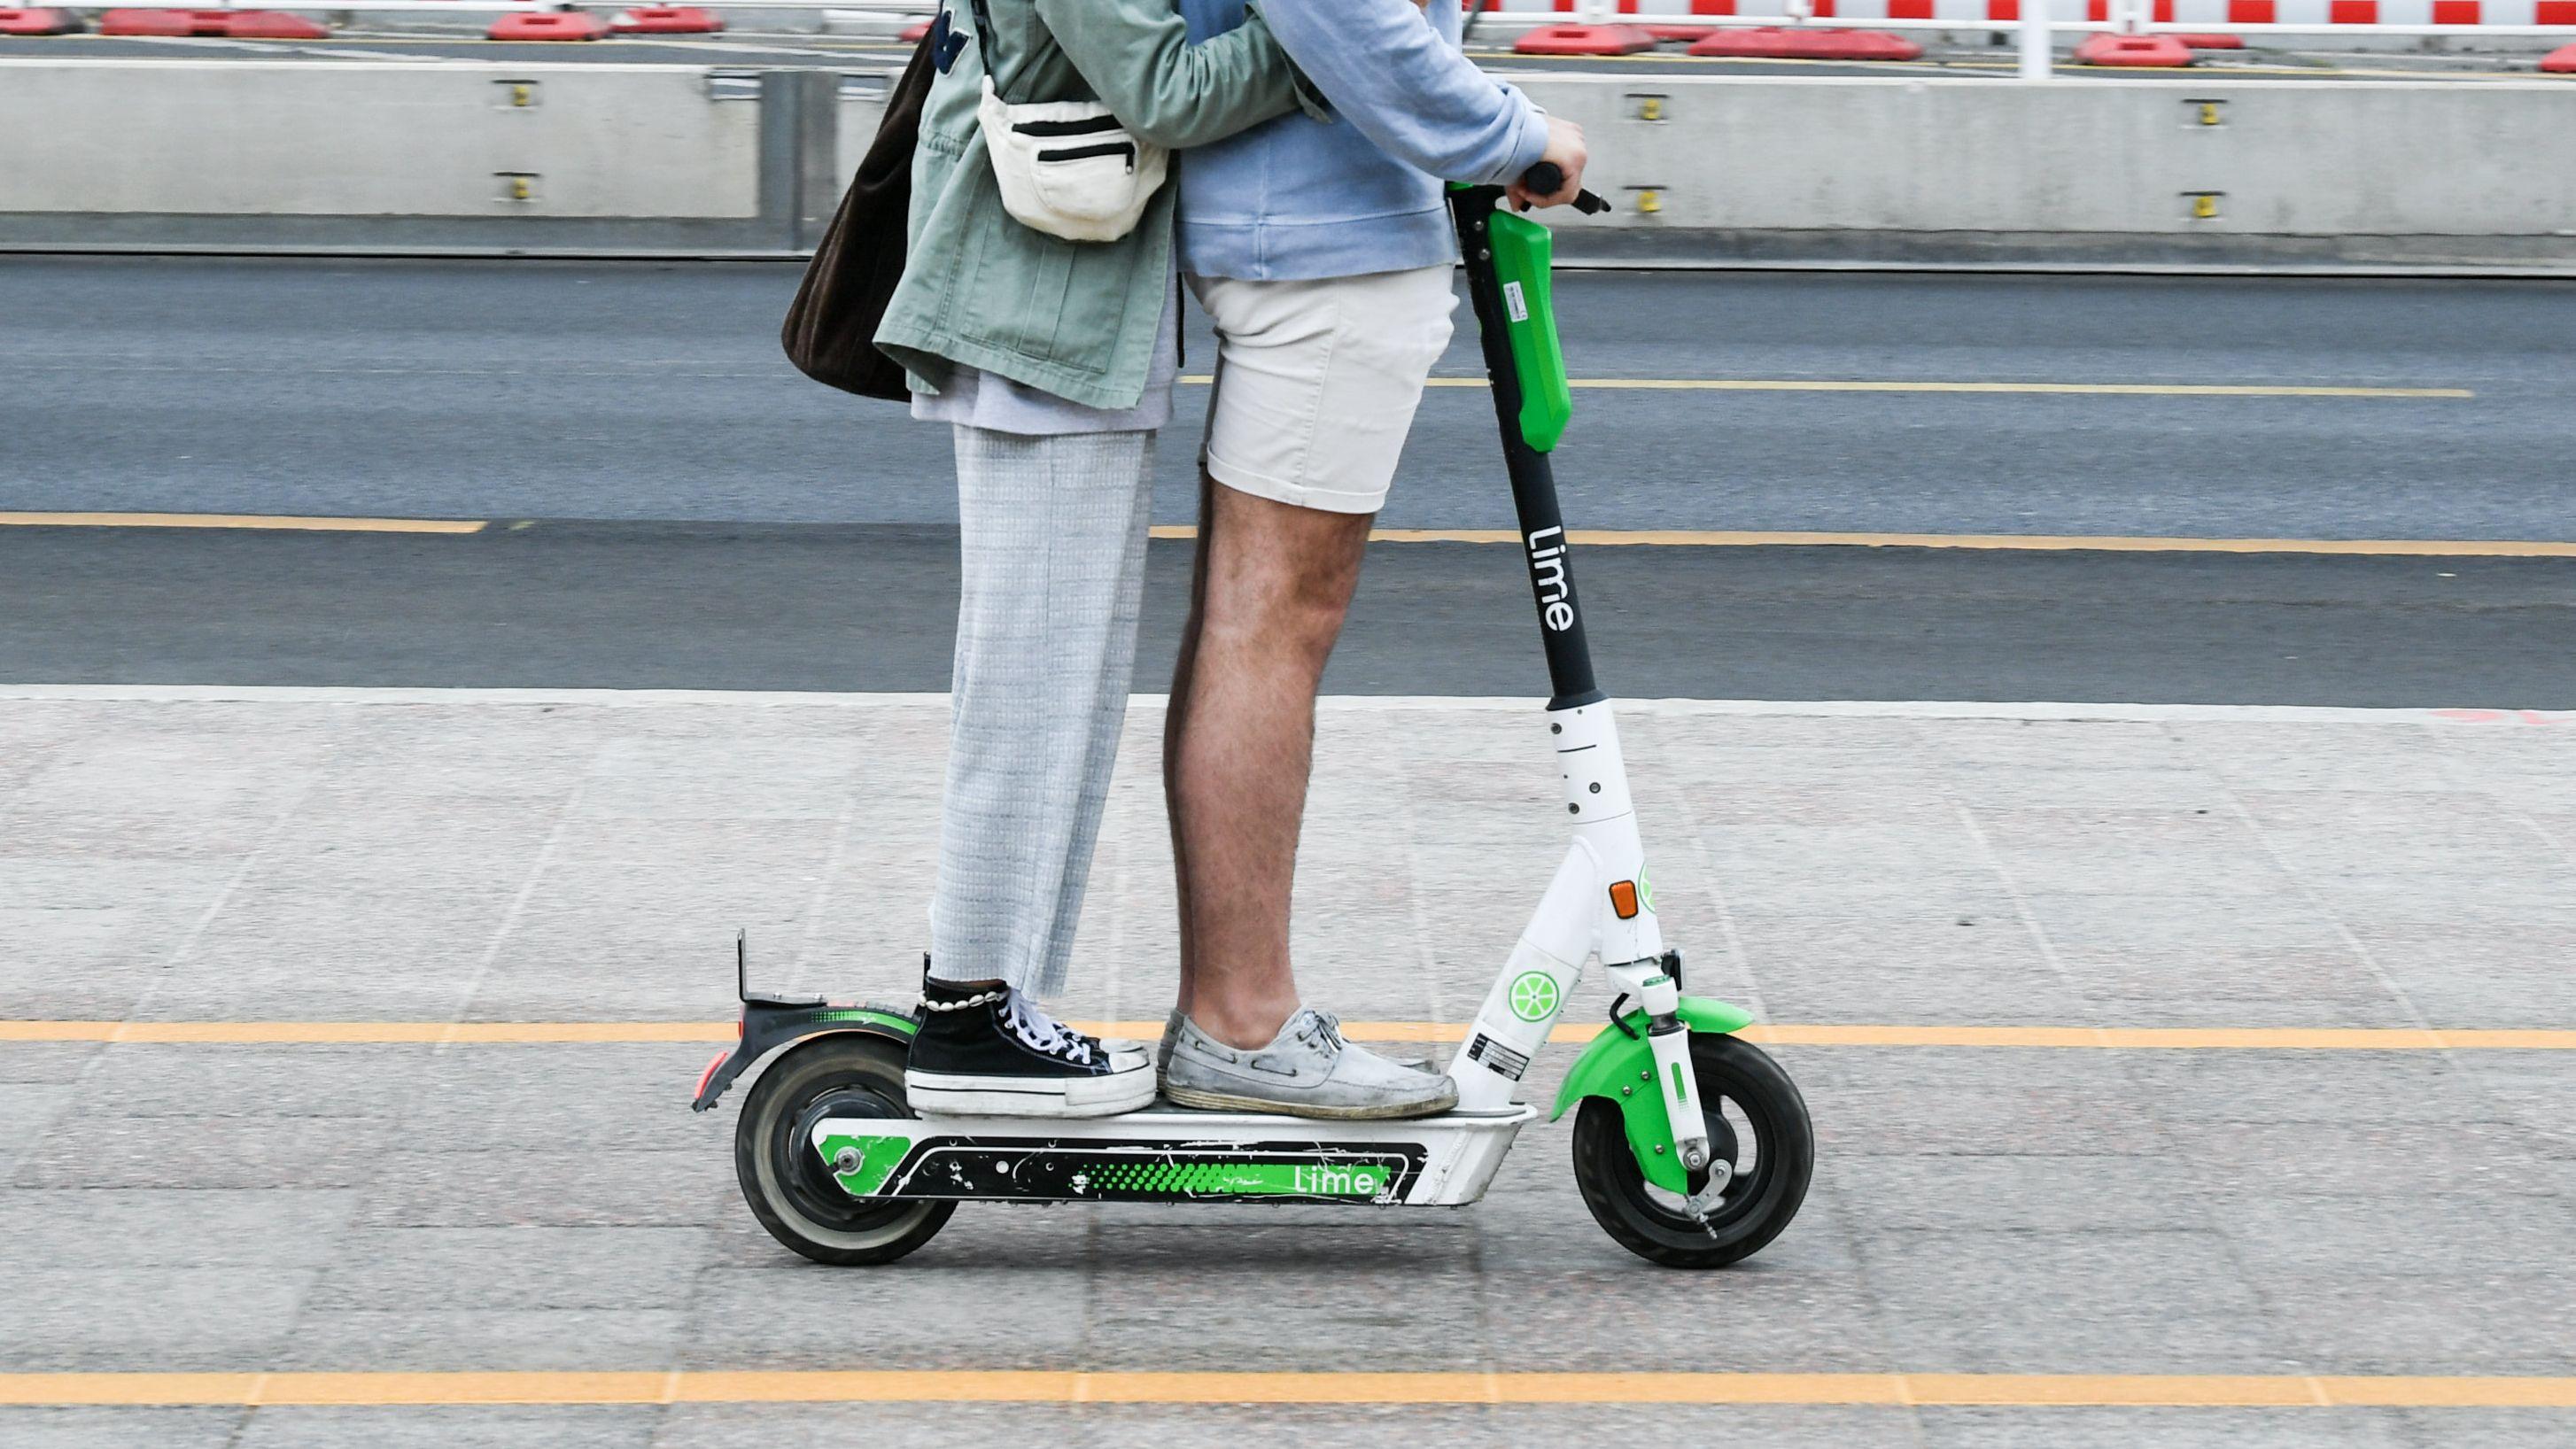 E-Scooter im Straßenverkehr: Zwei Personen fahren gemeinsam gleichzeitig auf einem E-Tretroller